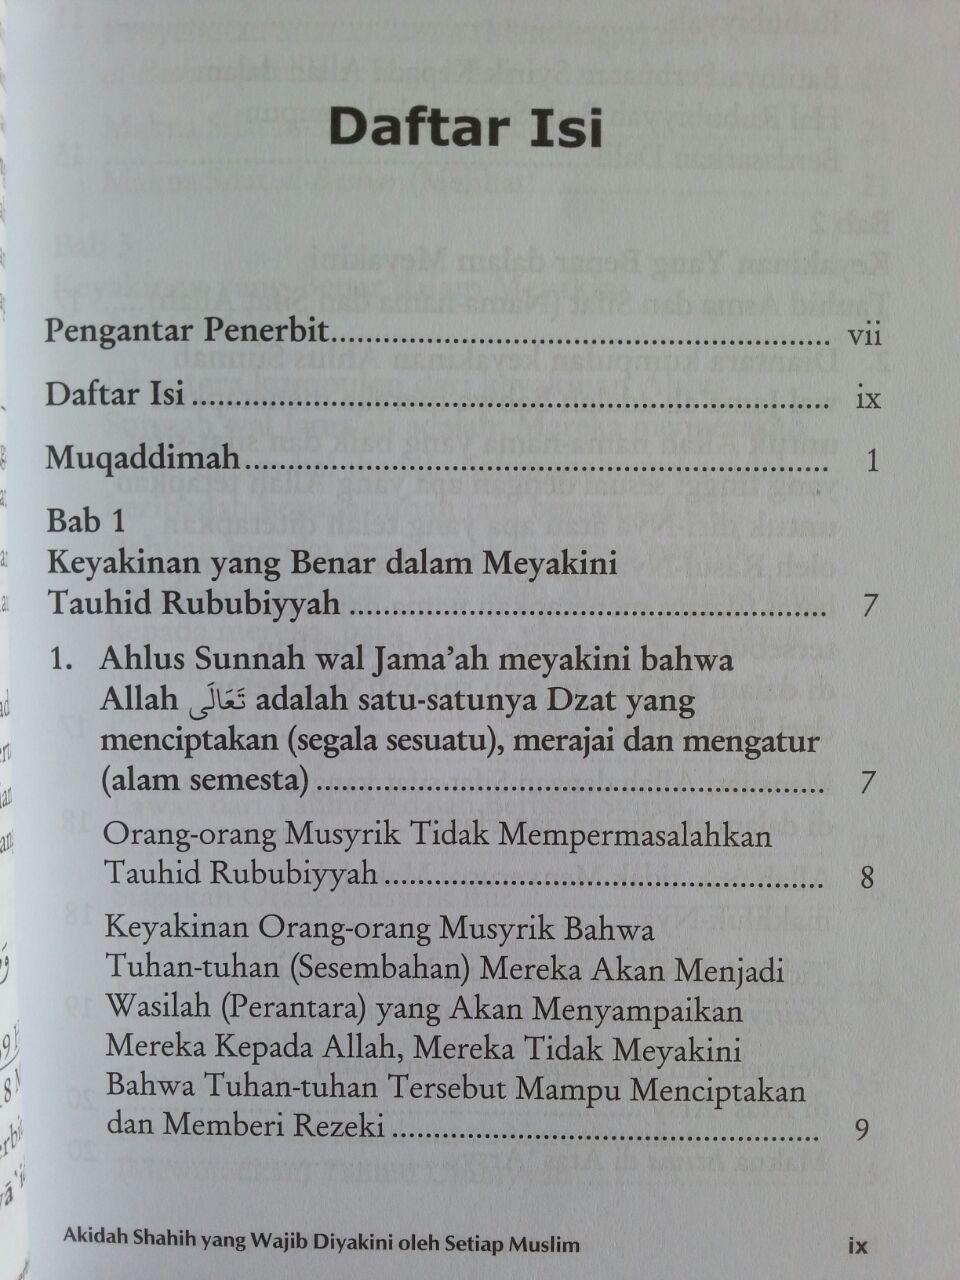 Buku Aqidah Shahih Yang Wajib Diyakini Oleh Setiap Muslim isi